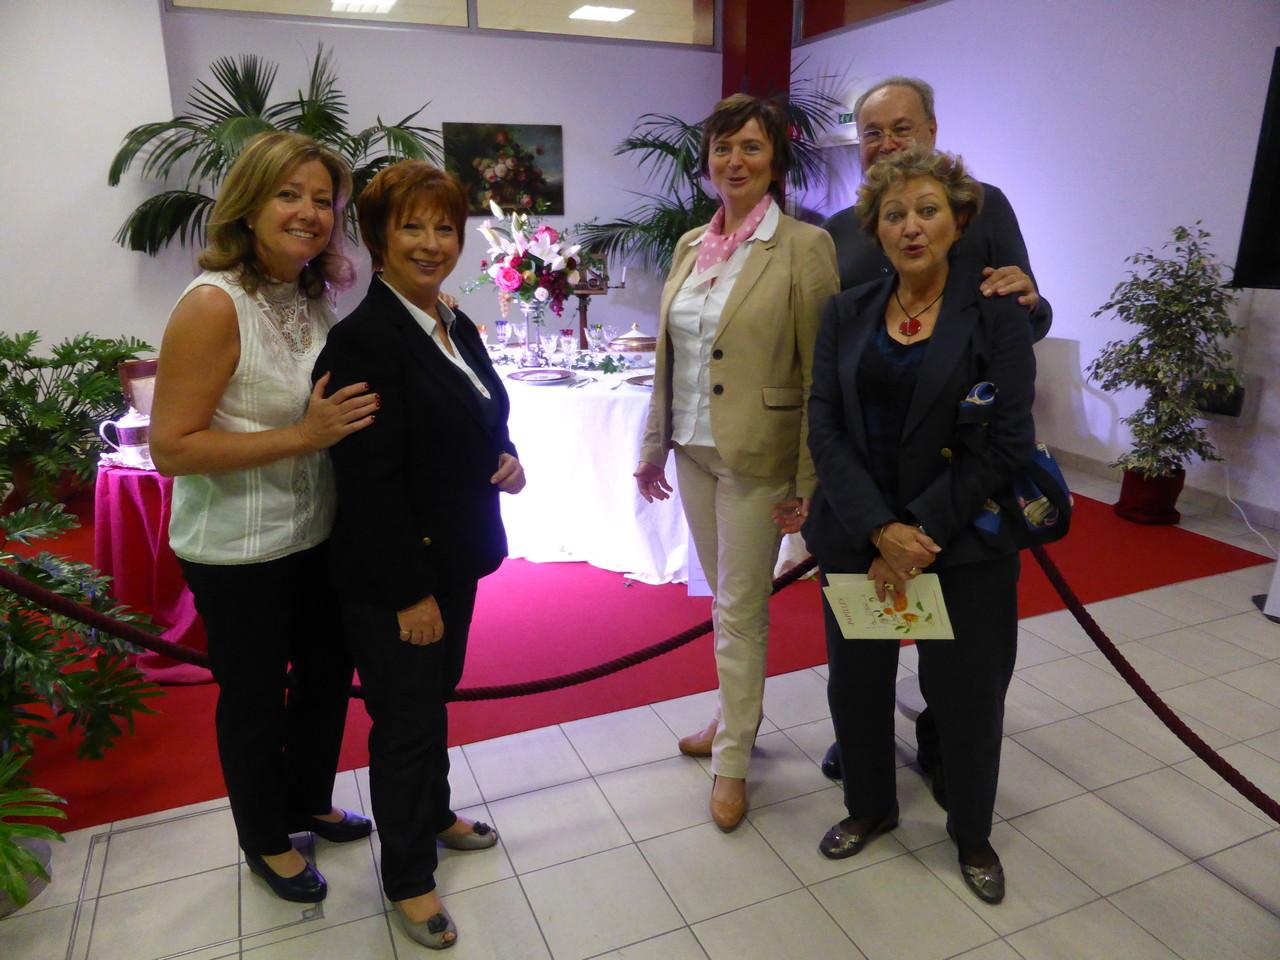 Les passionaria des arts de la table avec Laure Déroche, maire de Roanne